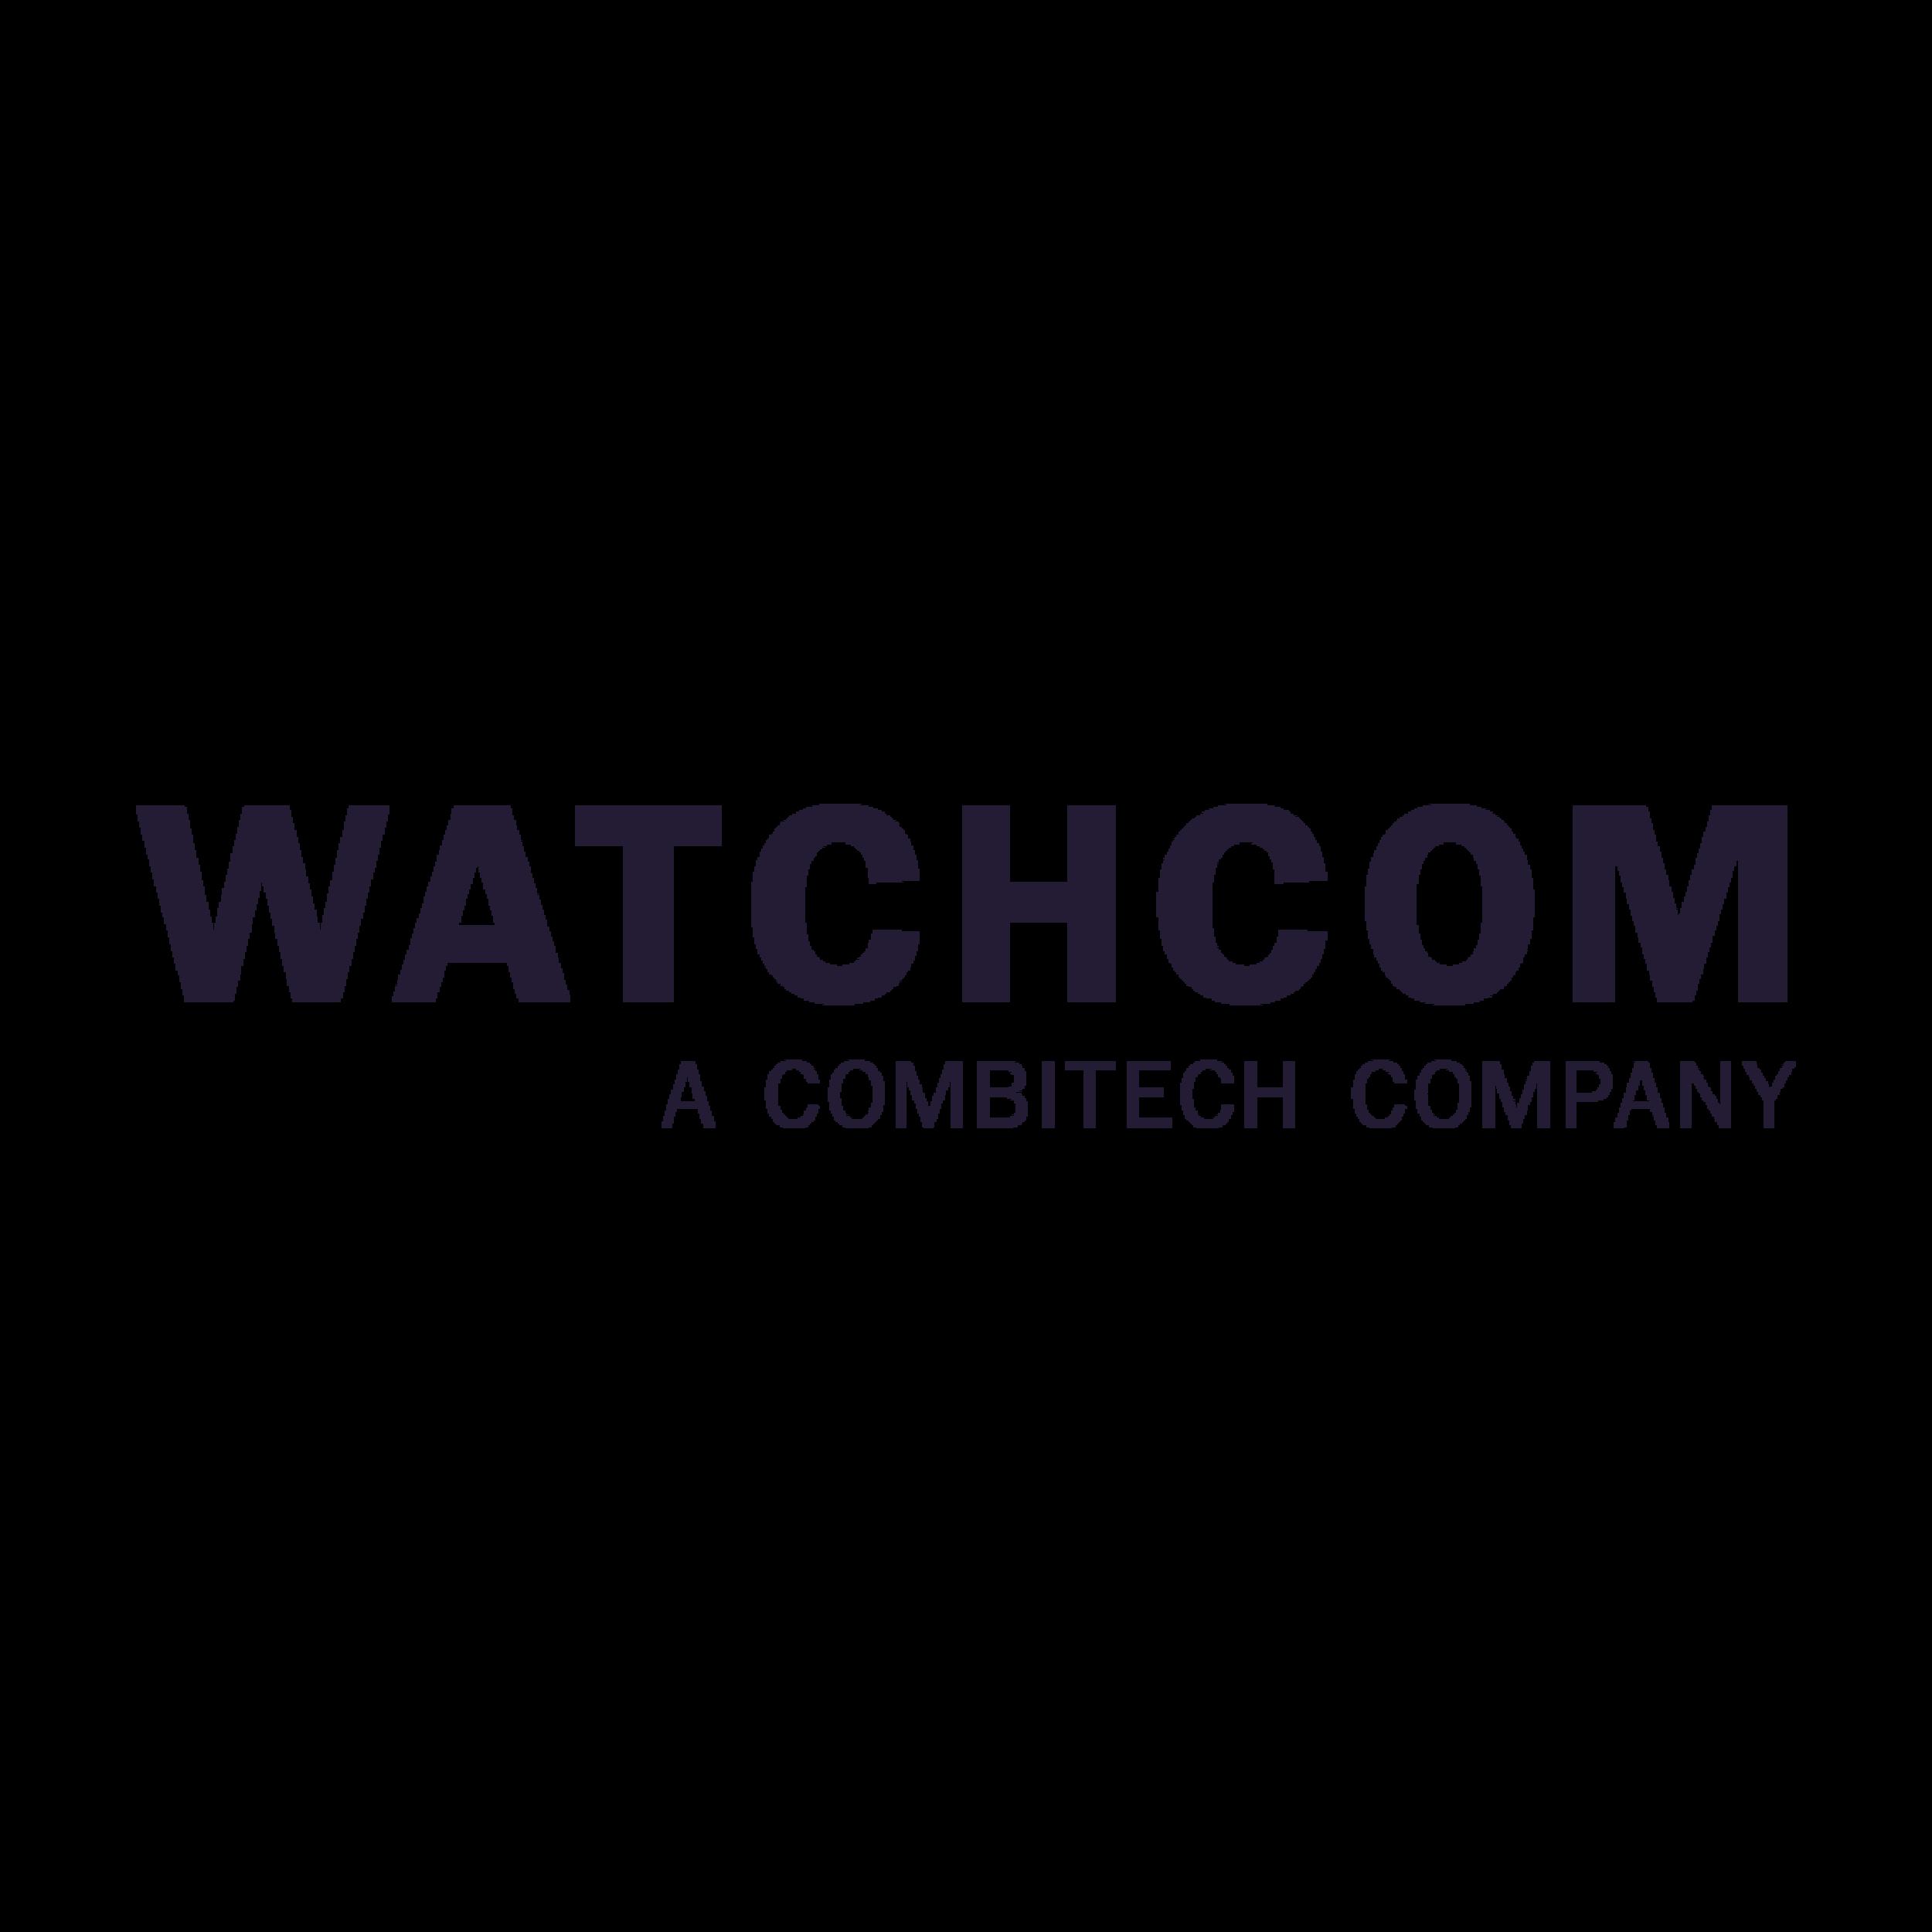 WatchcomFirkant-01.png